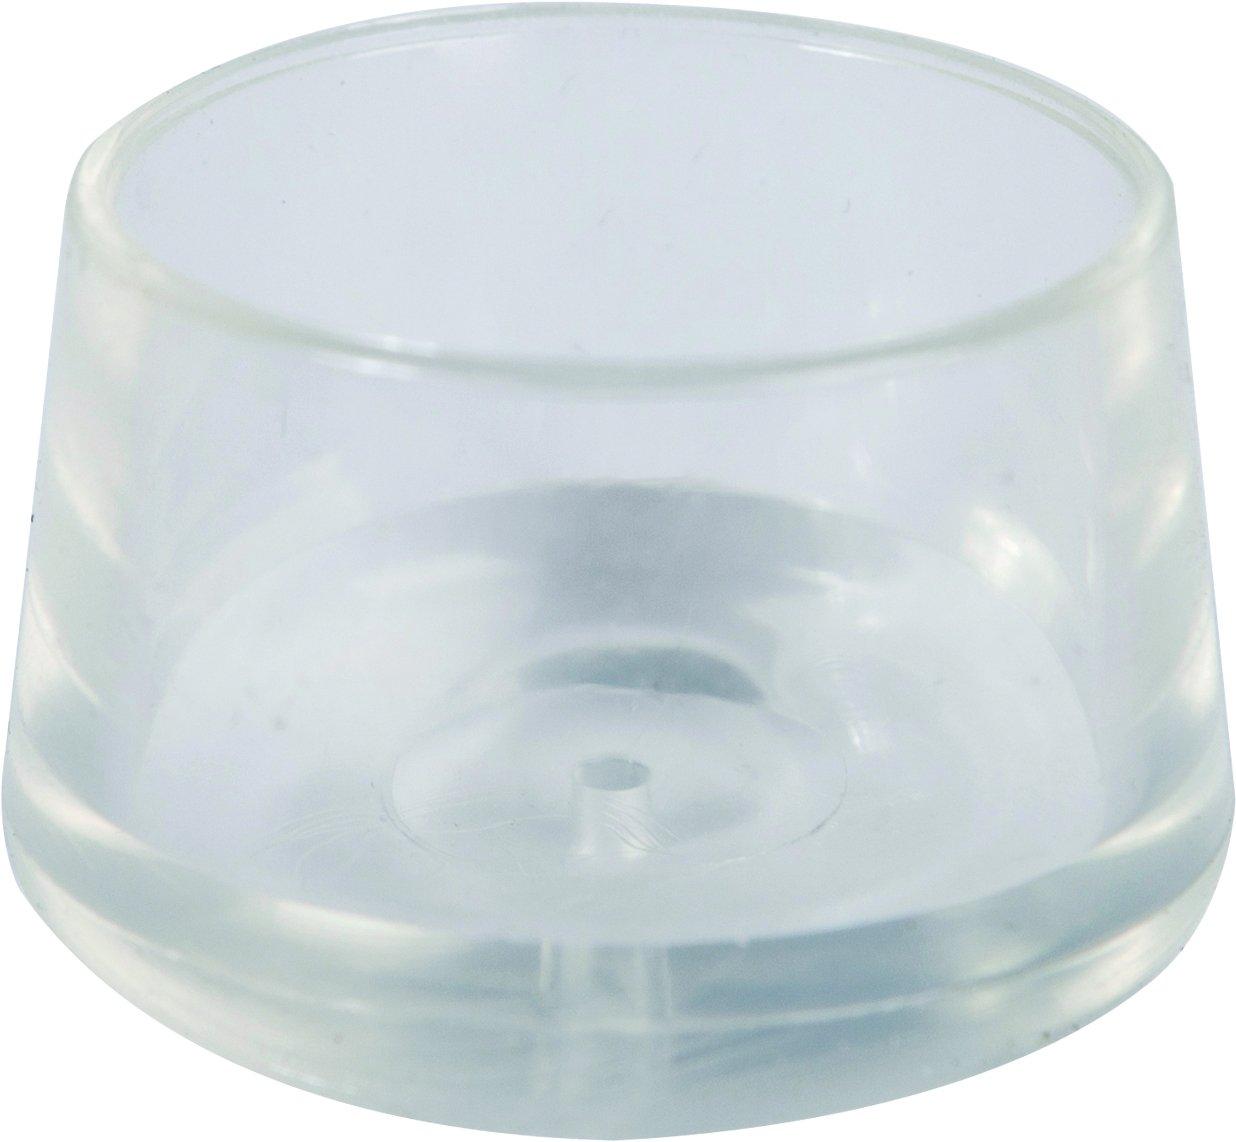 Shepherd Hardware 8612E Leg Tips 1-Inch Inside Diameter Rubber Chair Leg Caps, 24 Pack, Clear